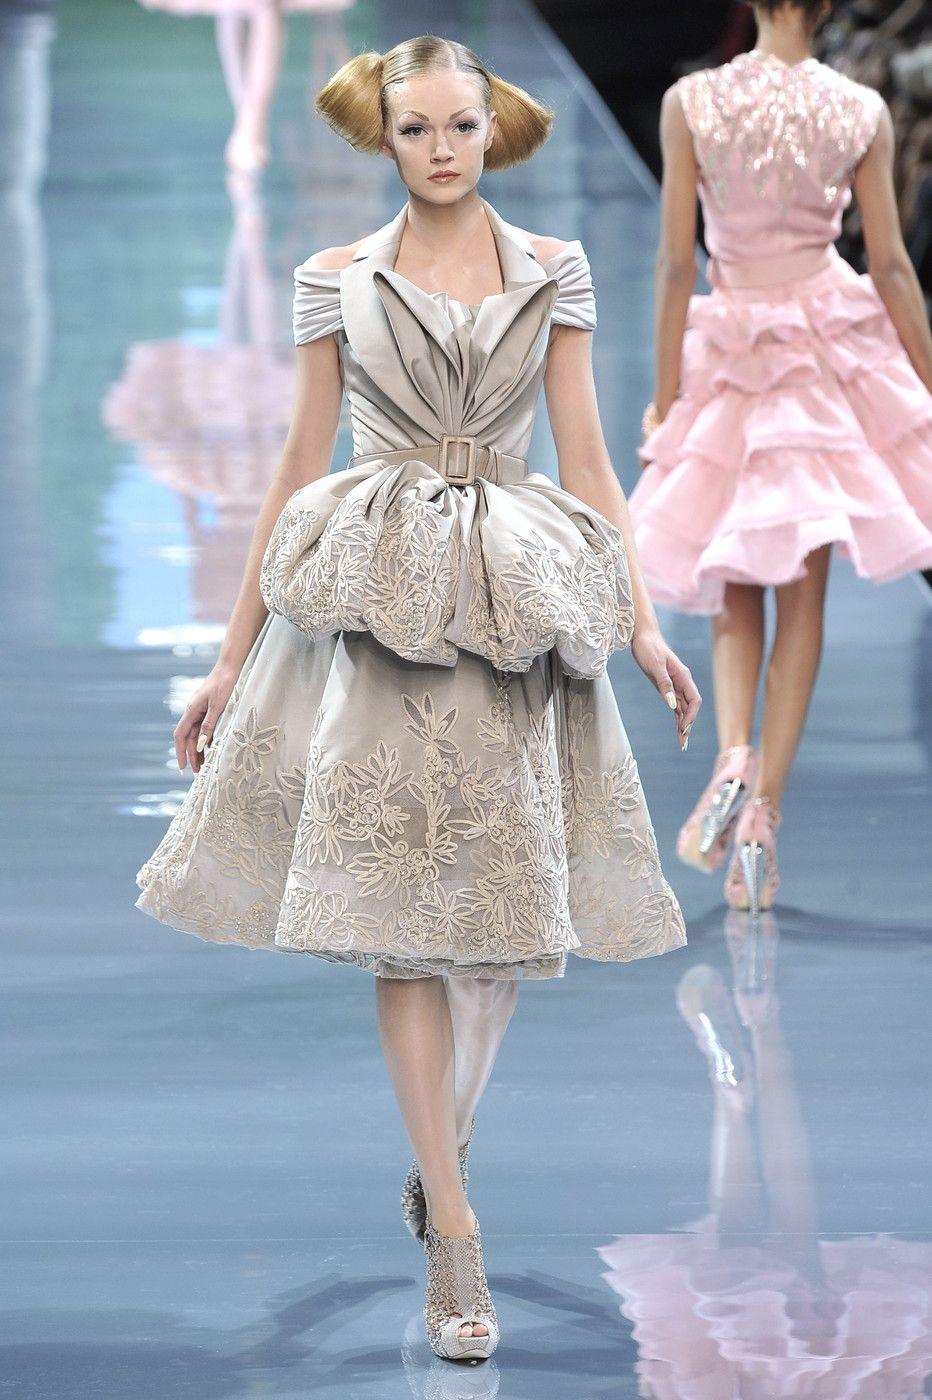 Großartig Dior Prom Kleider Galerie - Brautkleider Ideen - cashingy.info